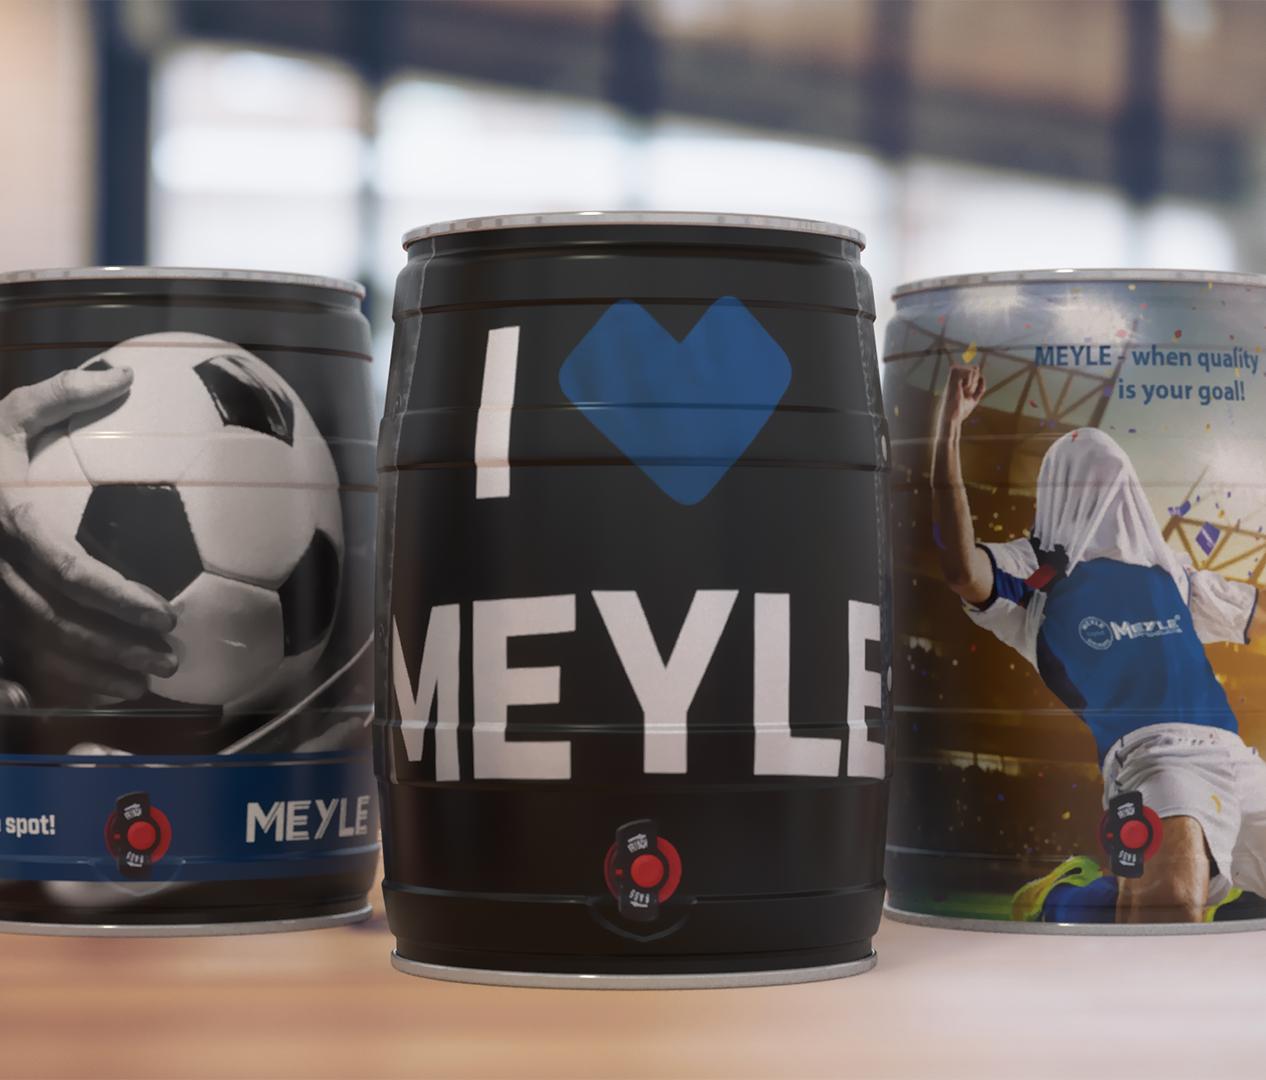 Meyle Bierfässer - Zweyloeven Werbeproduktion GmbH